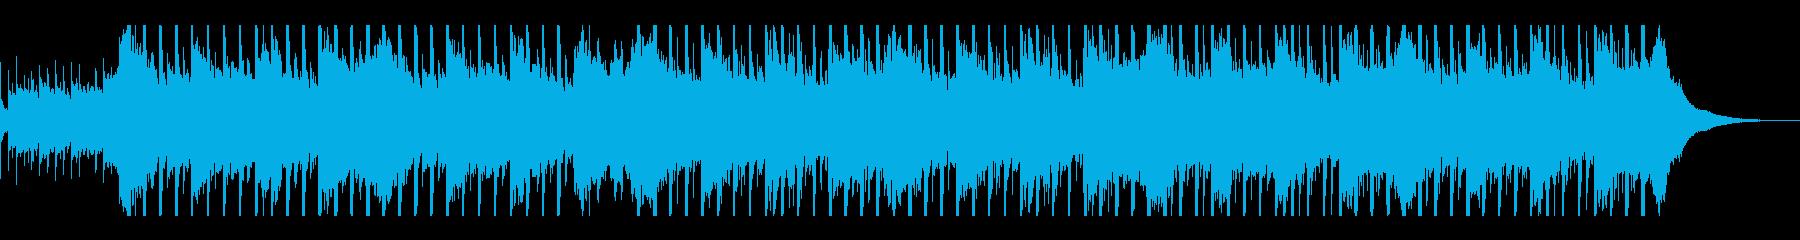 新製品のプレゼンテーション(60秒)の再生済みの波形